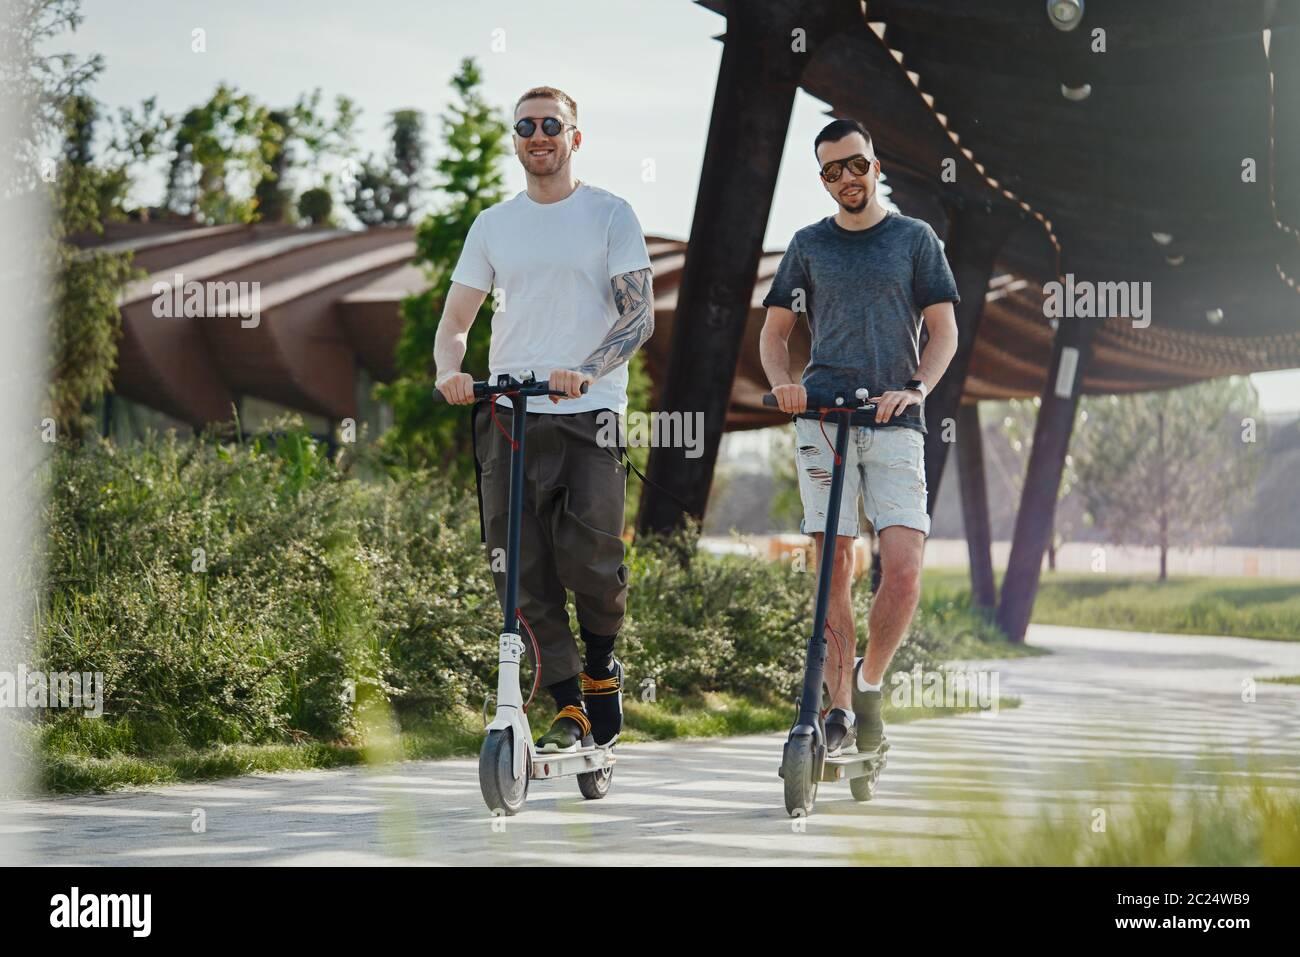 Deux beaux hommes qui font des scooters électriques dans un magnifique parc paysage Banque D'Images